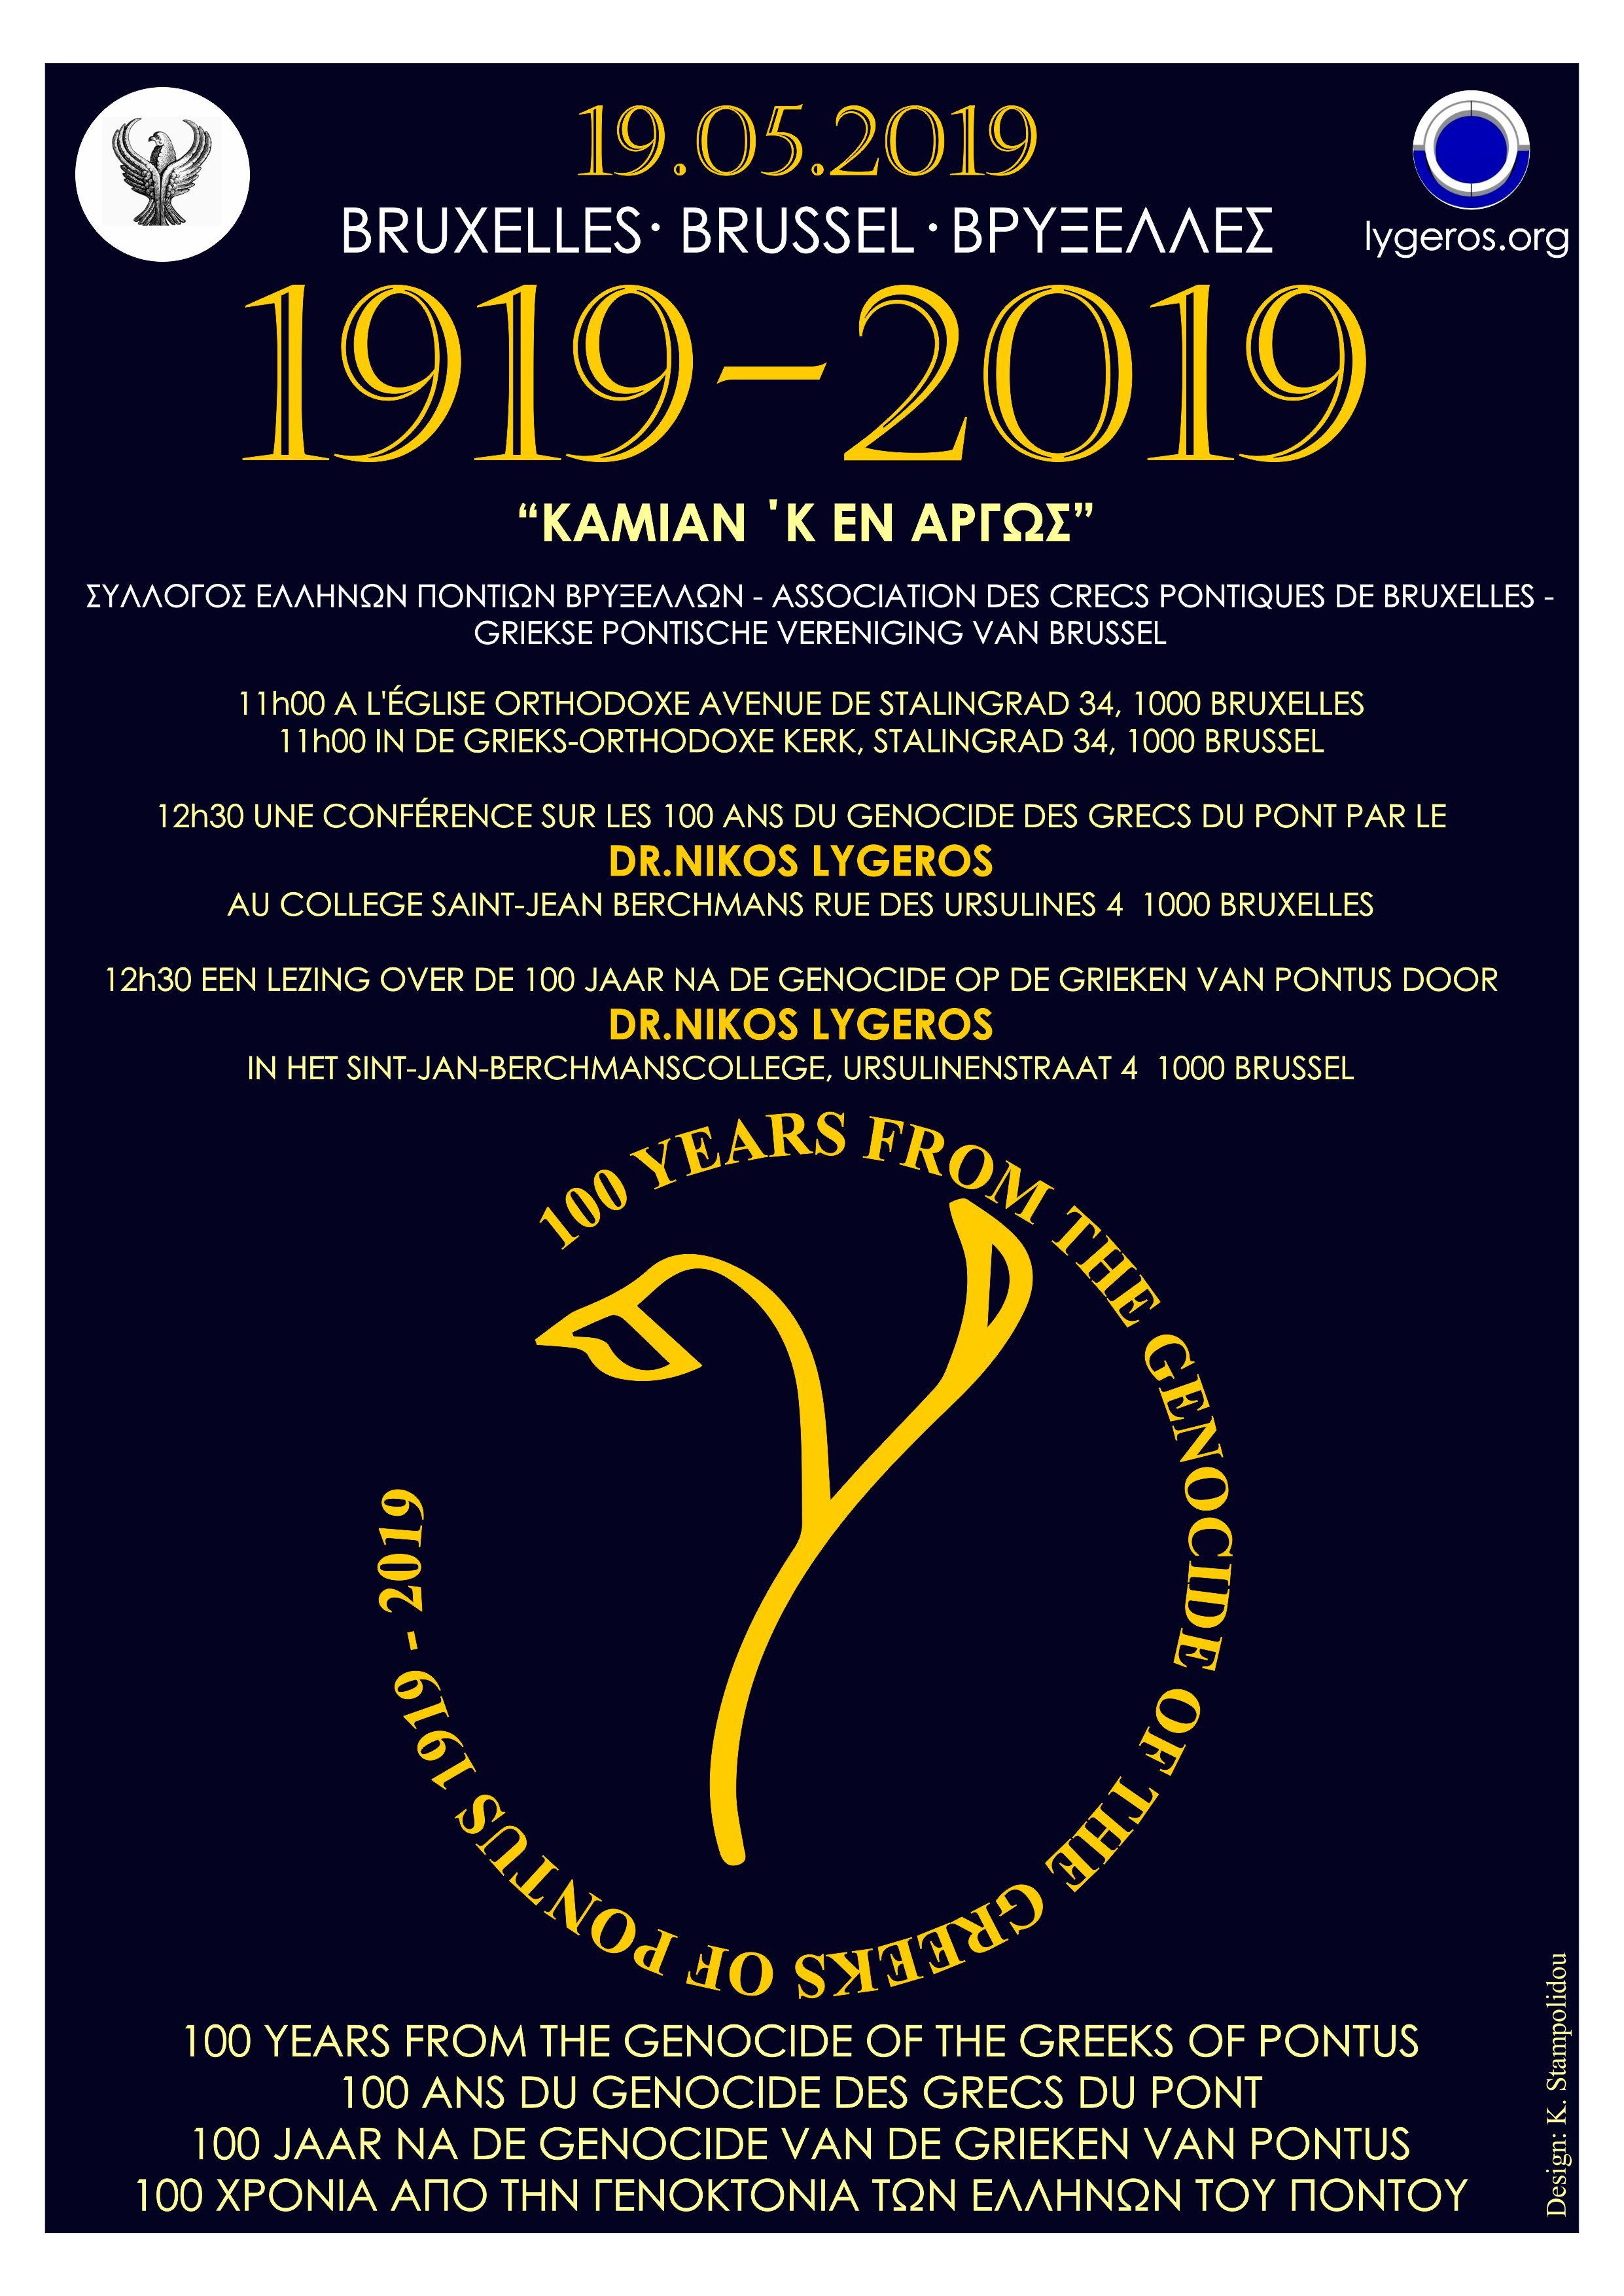 Conférence sur les 100 ans du Genocide des Grecs du Pont par le DR NIKOS LYGEROS